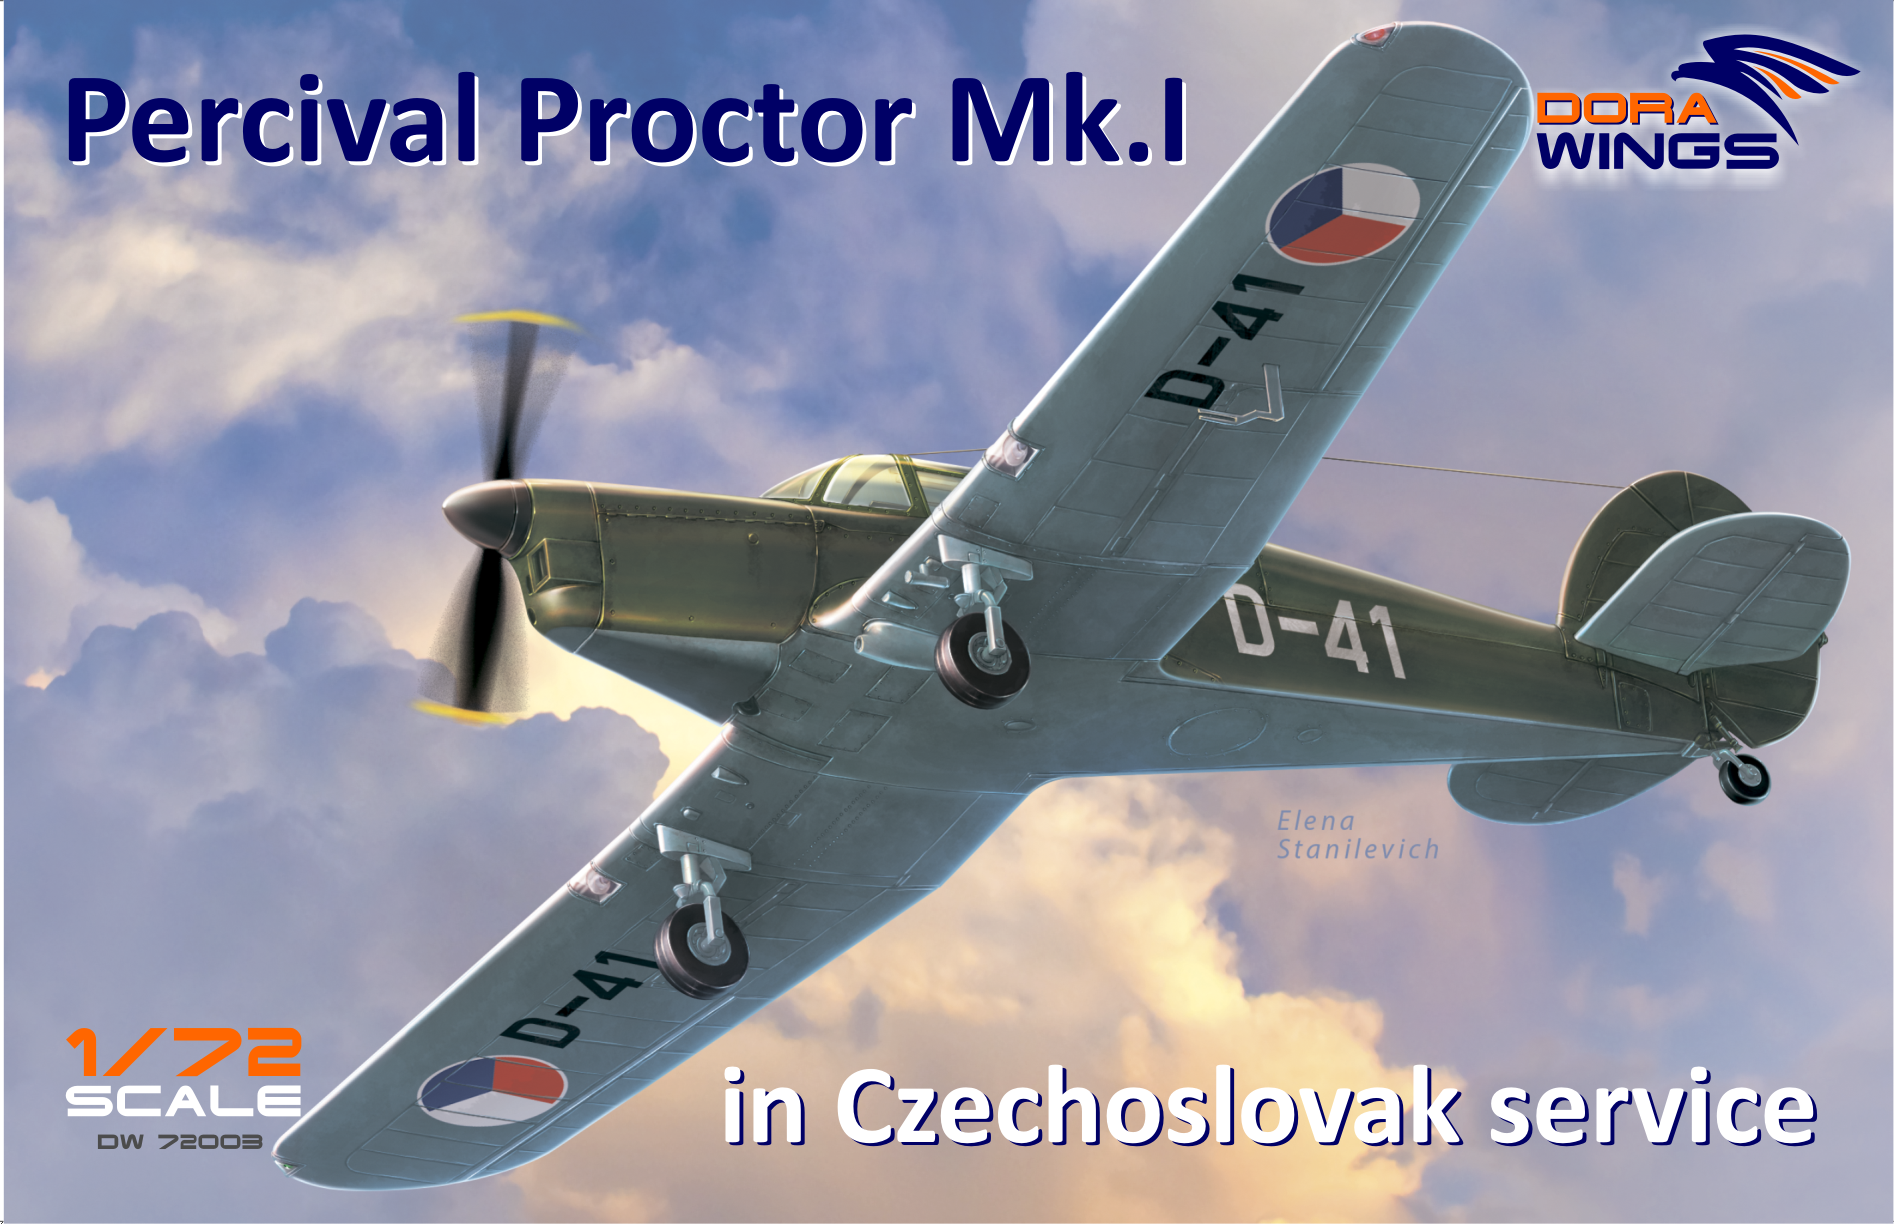 Dora Wings Percival Proctor Mk.1 marking of Czechoslovakia